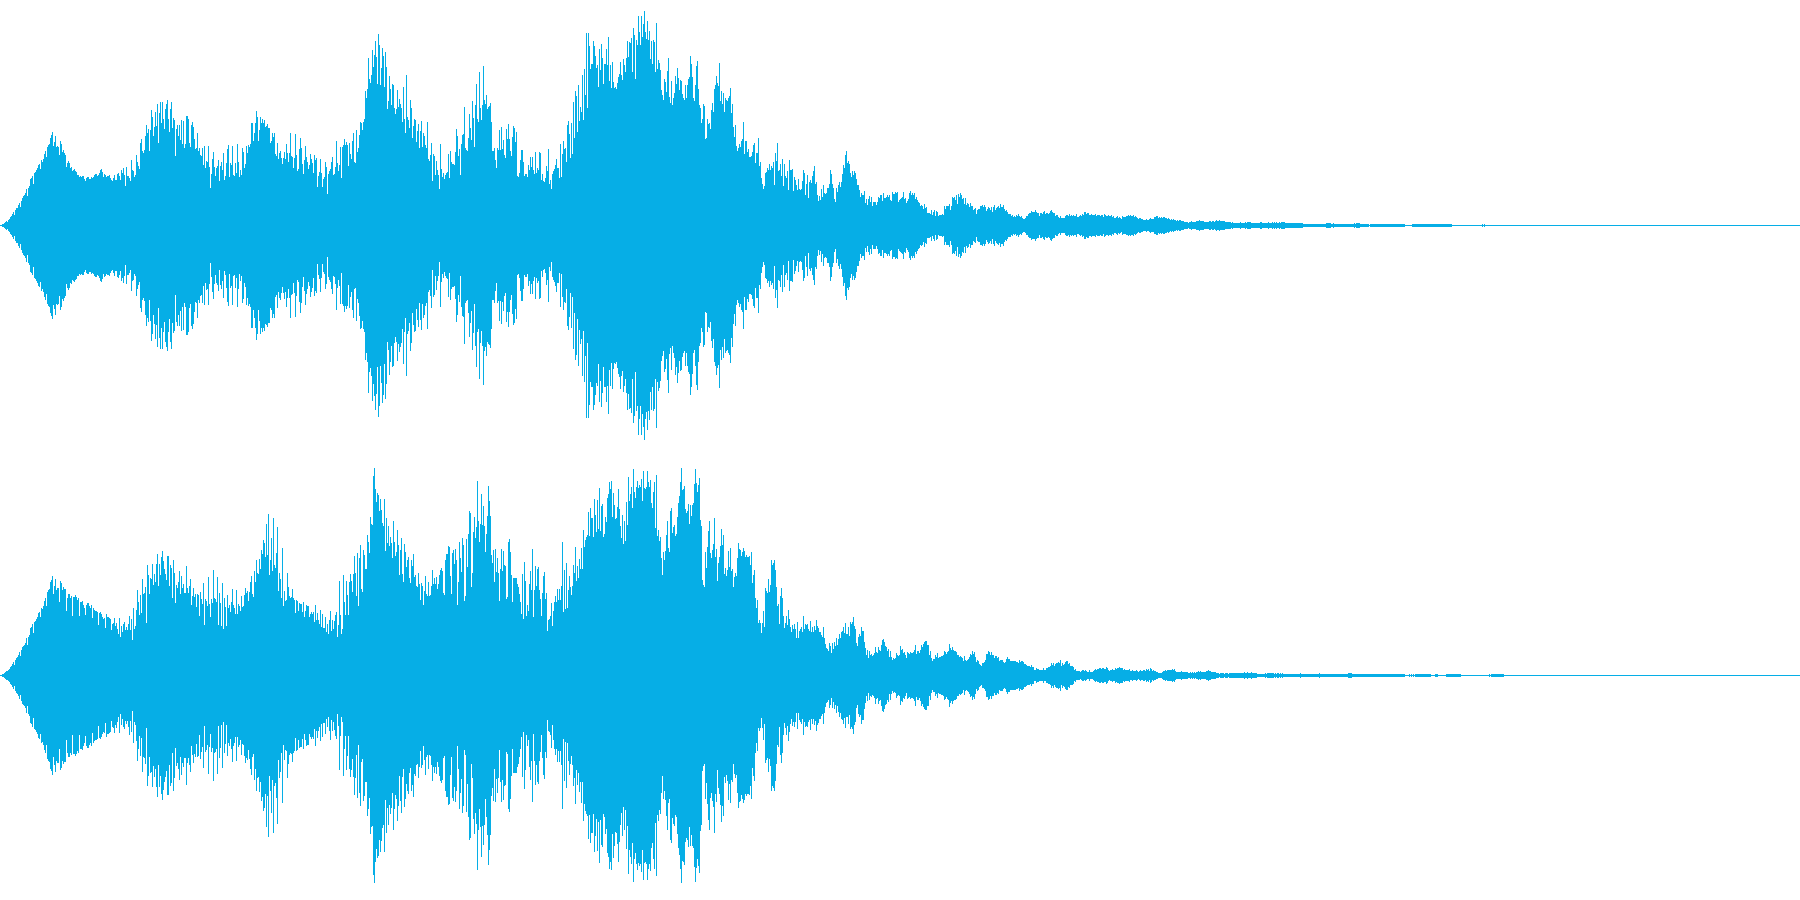 ファンファーレ(バイオリン風)の再生済みの波形